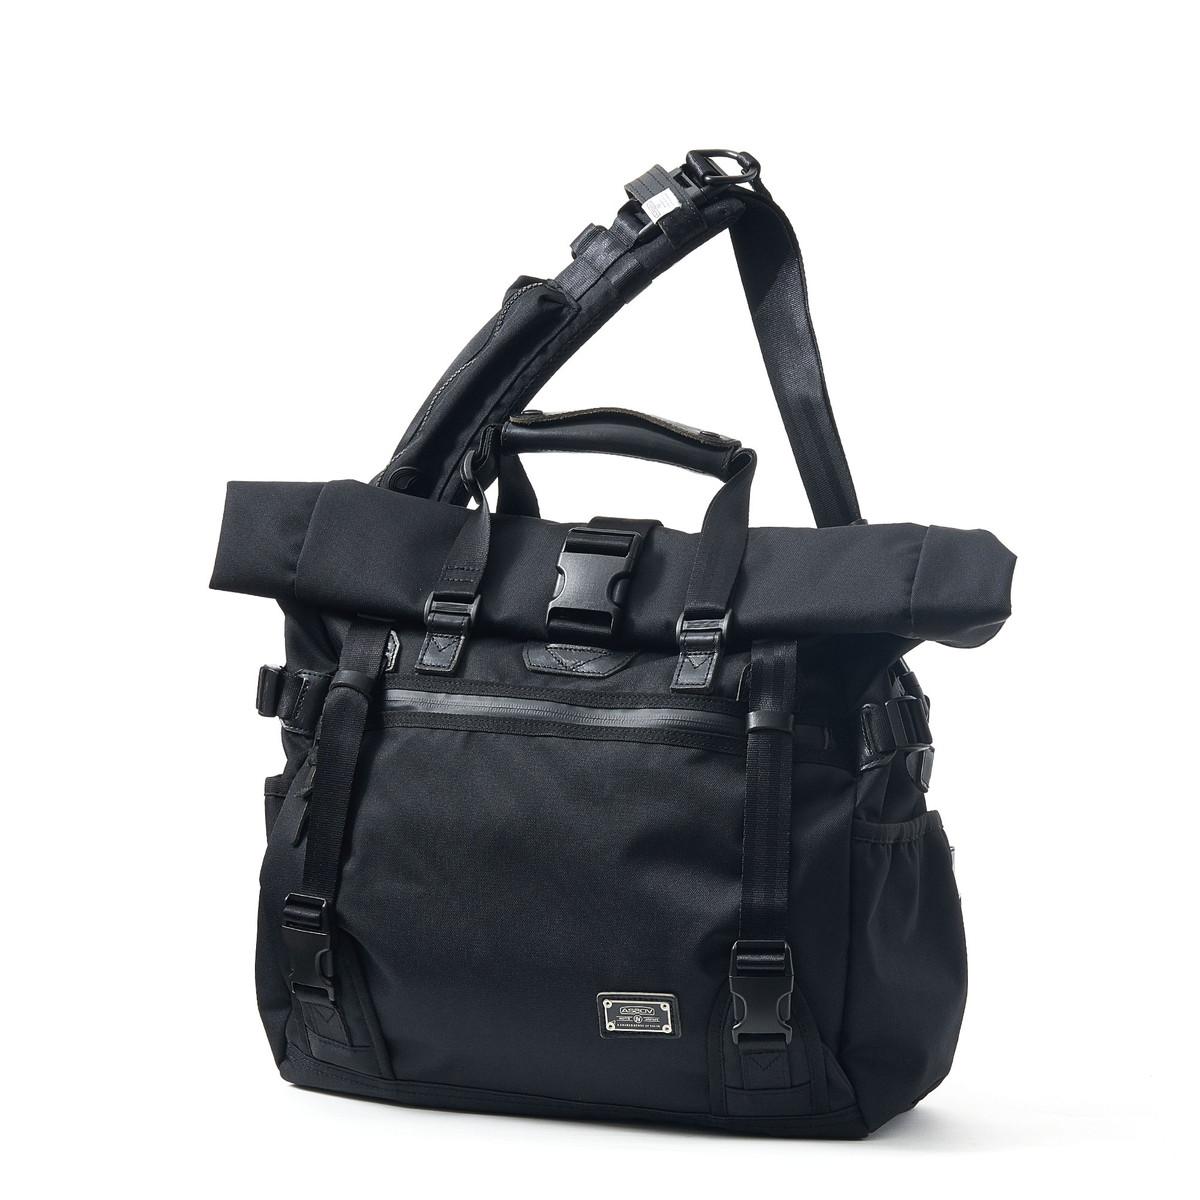 アッソブ公式通販 / トートバッグ ショルダーバッグ カジュアルバッグ CORDURA DOBBY 305D 2WAY BAG S 061415